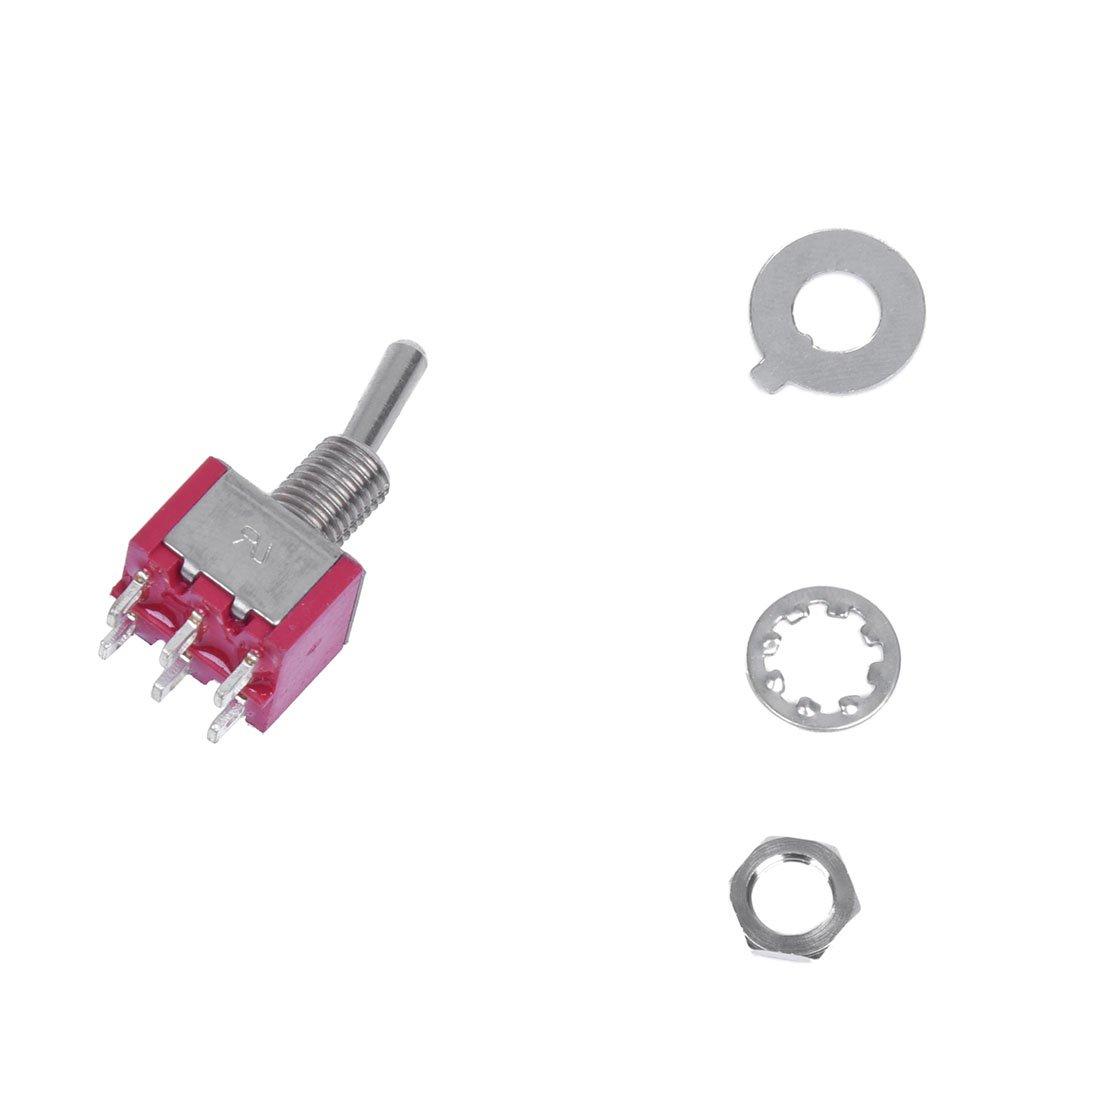 SODIAL(R) 10x Mini-Kippschalter DPDT ON-Position Auf Zwei Roten 2a ...